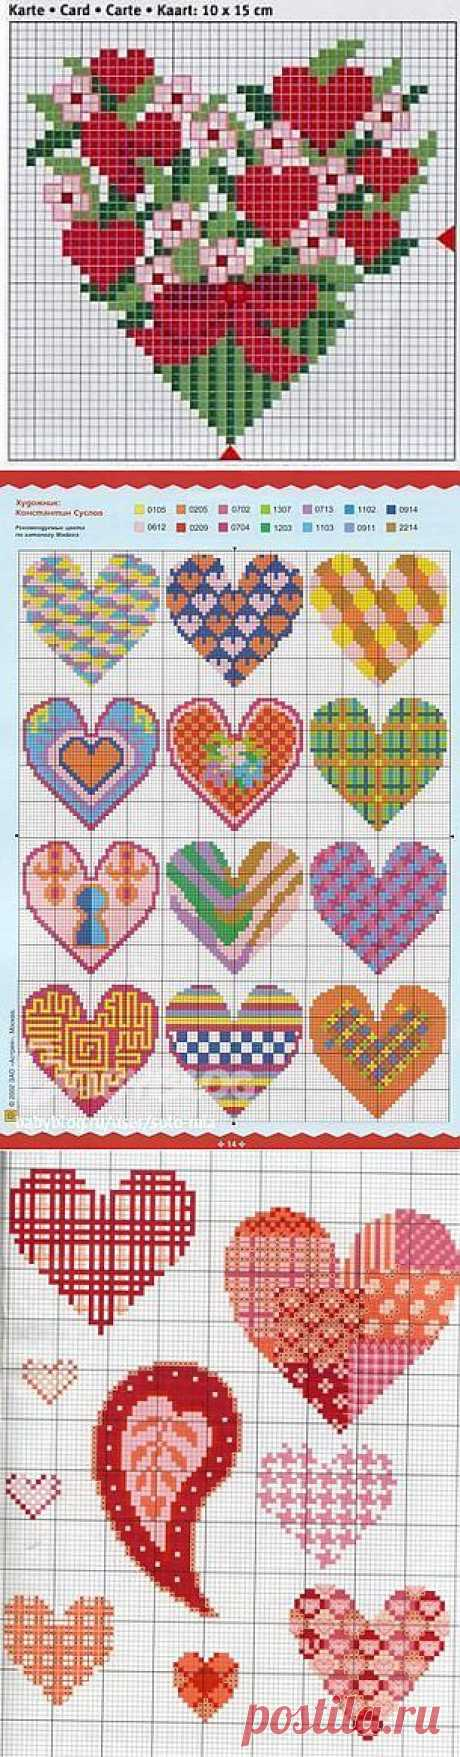 Схемы для вышивки сердец, вышивка крестиком сердца | Лаборатория домашнего хозяйства